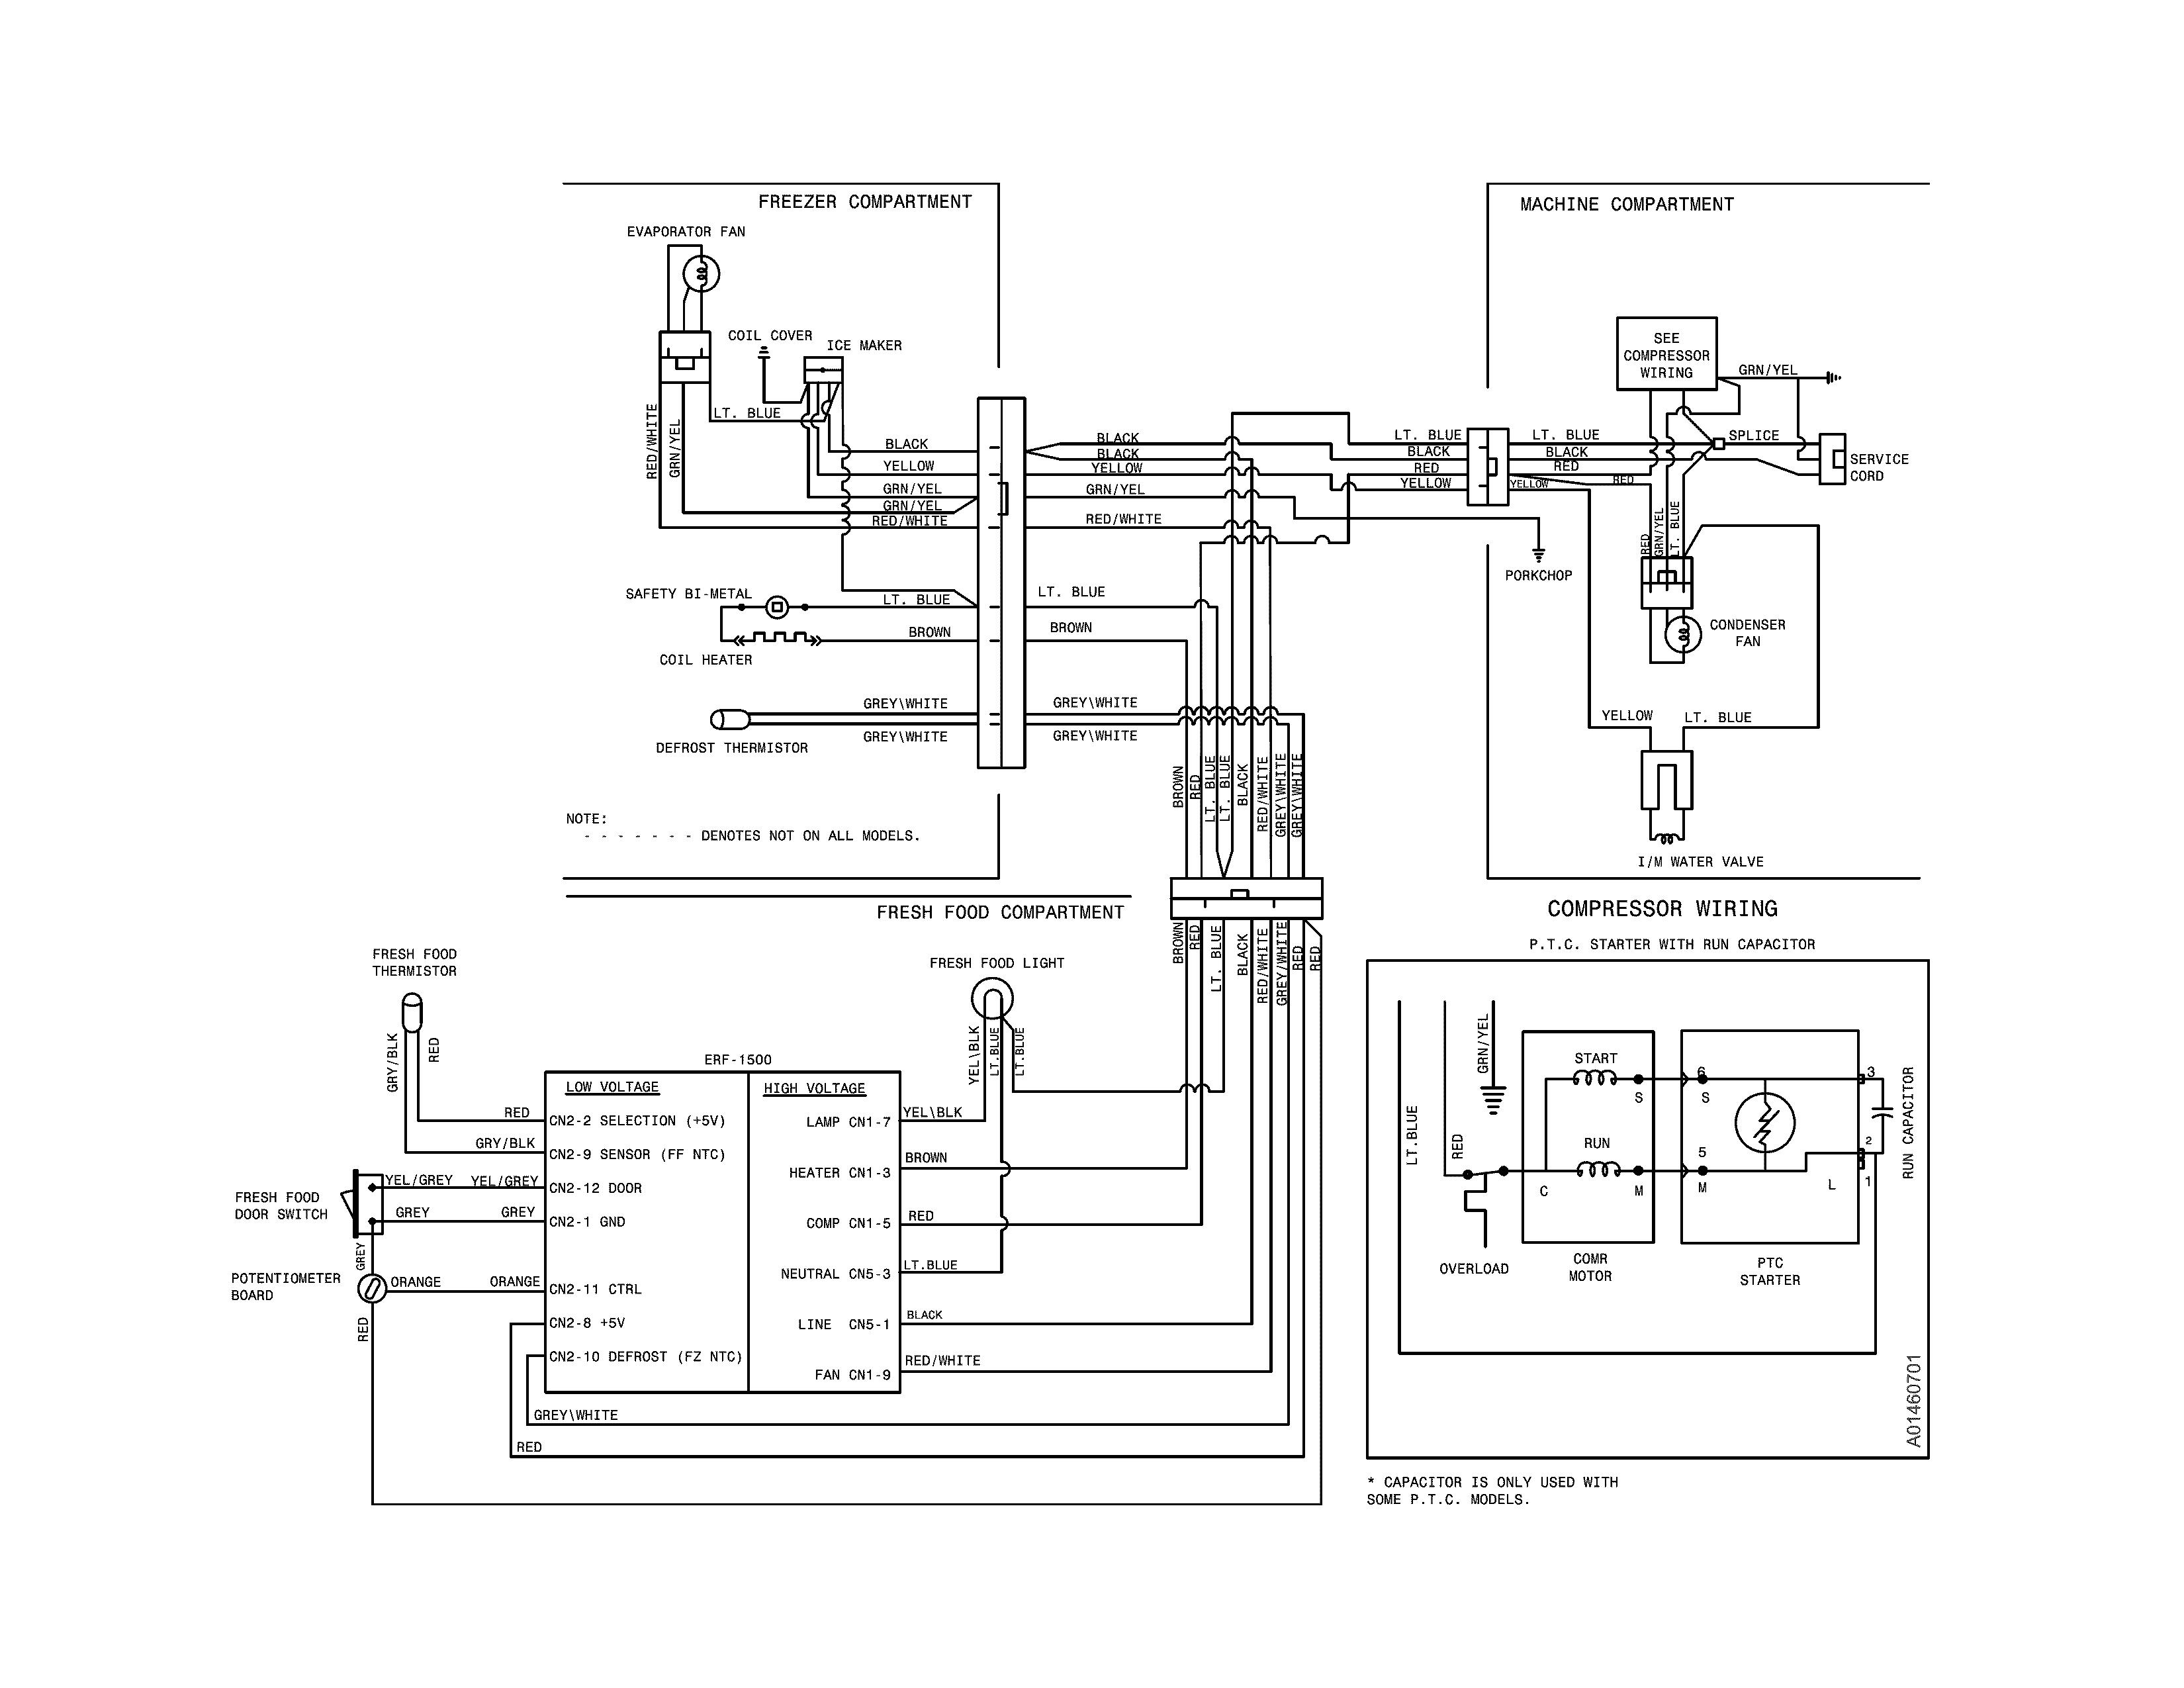 kenmore refrigerator schematic diagram